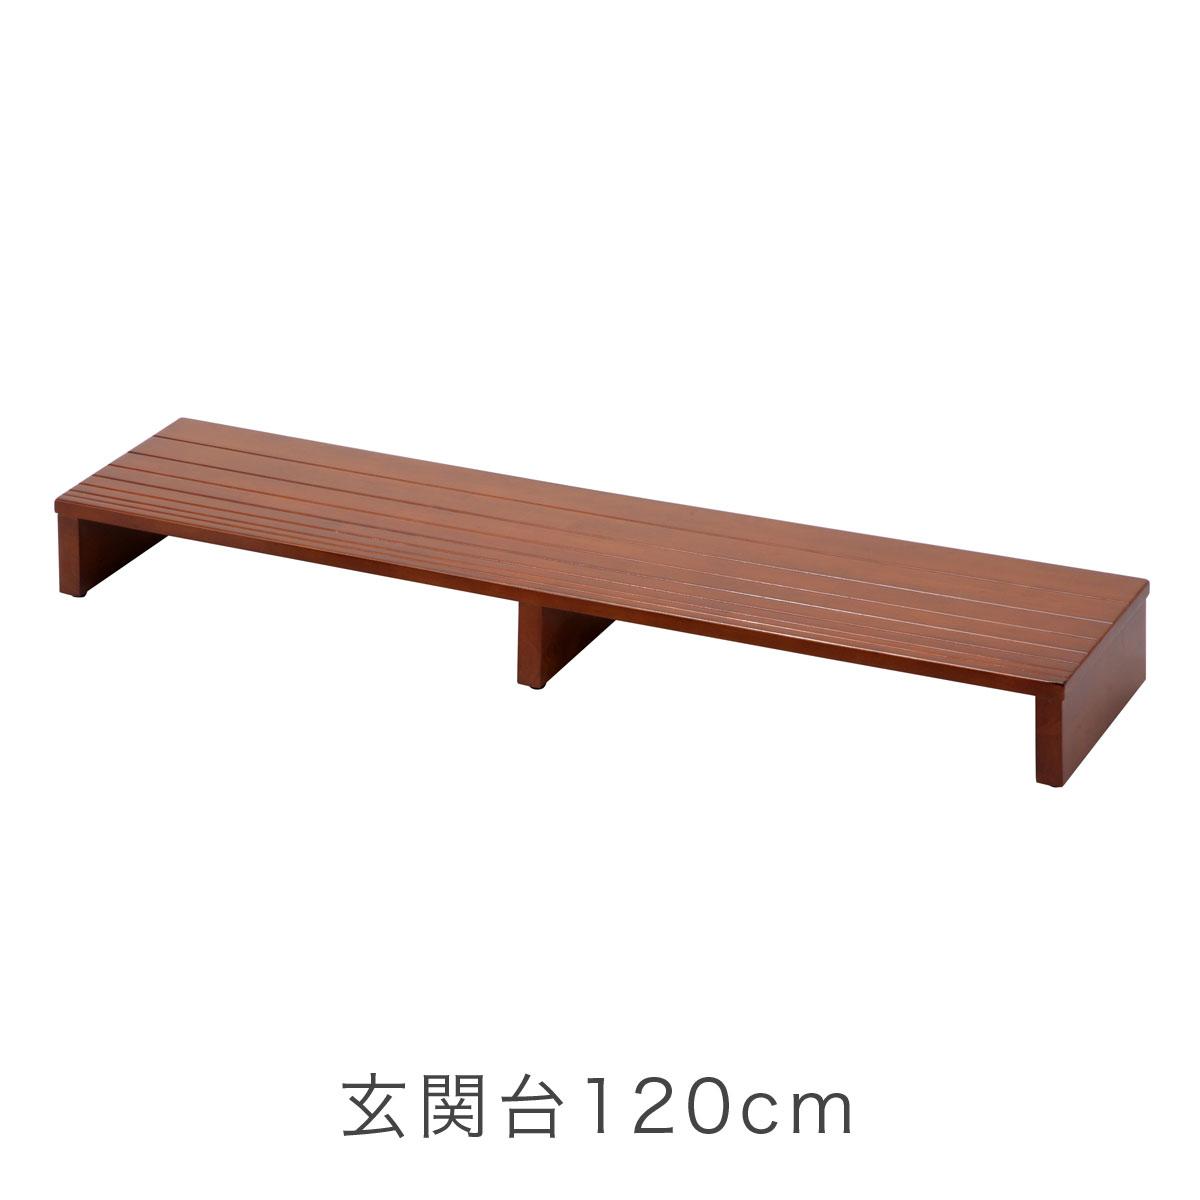 天然木 玄関踏み台 幅120 x 奥行30 x 高さ13cm